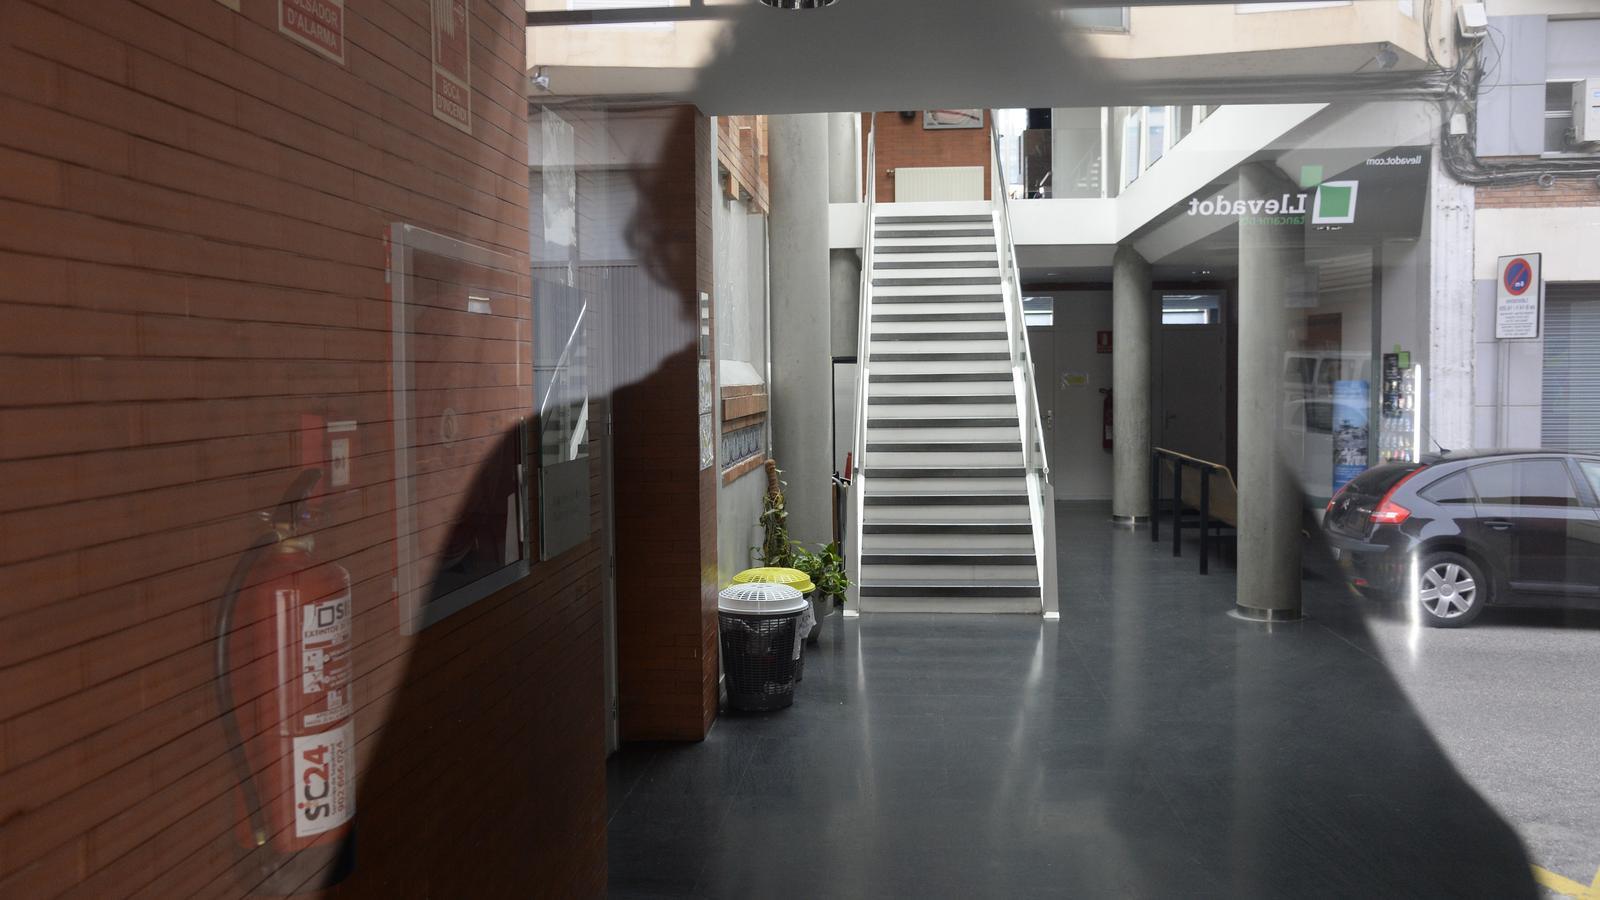 Interior de l'Aula de teatre de Lleida